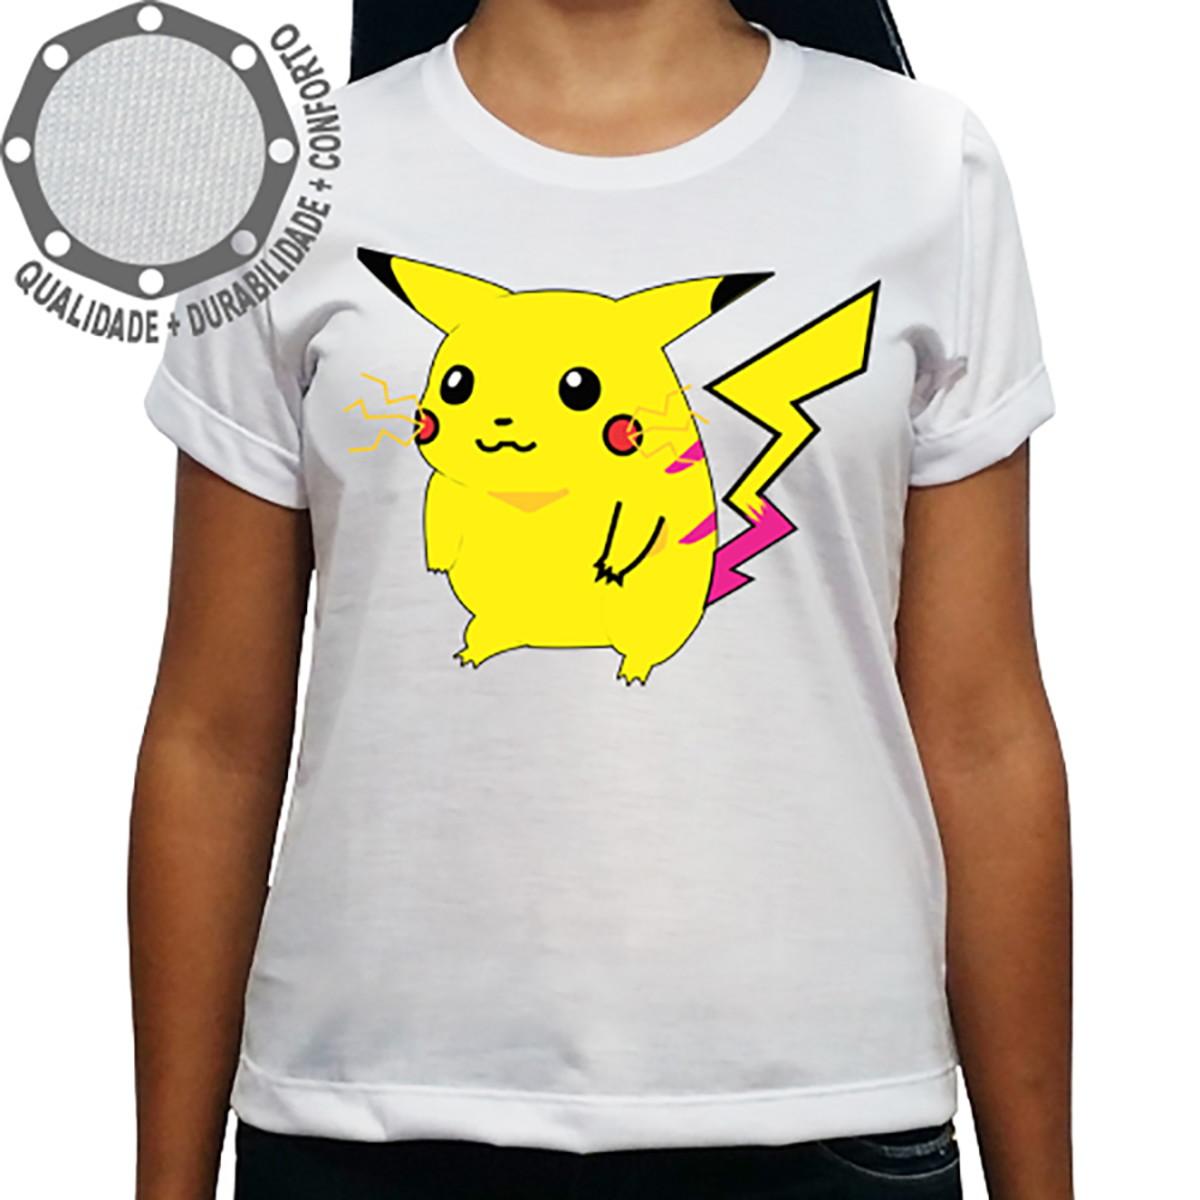 d31b67876e Camiseta Pokémon Pikachu Pose no Elo7